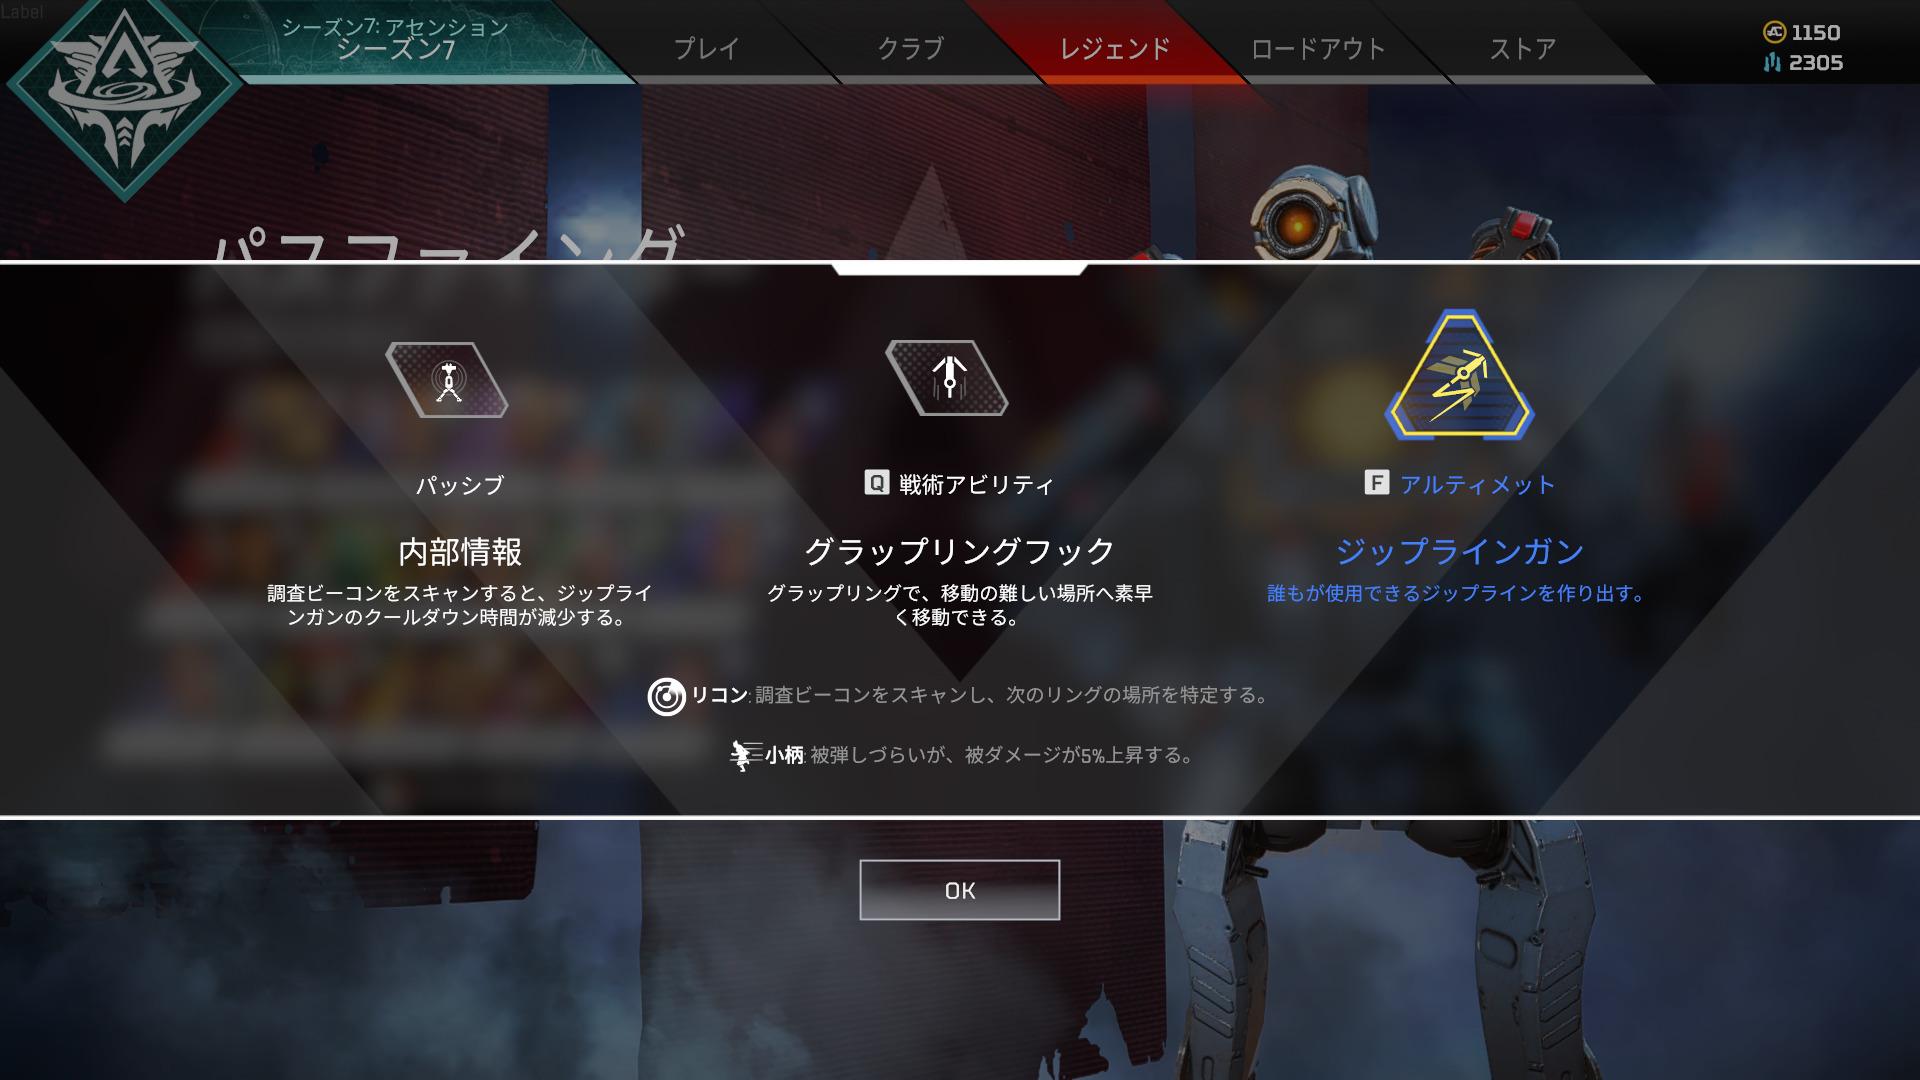 【Apex Legends】パスファインダー 日本語セリフ一覧【基本ボイス】【エーペックスレジェンズ】